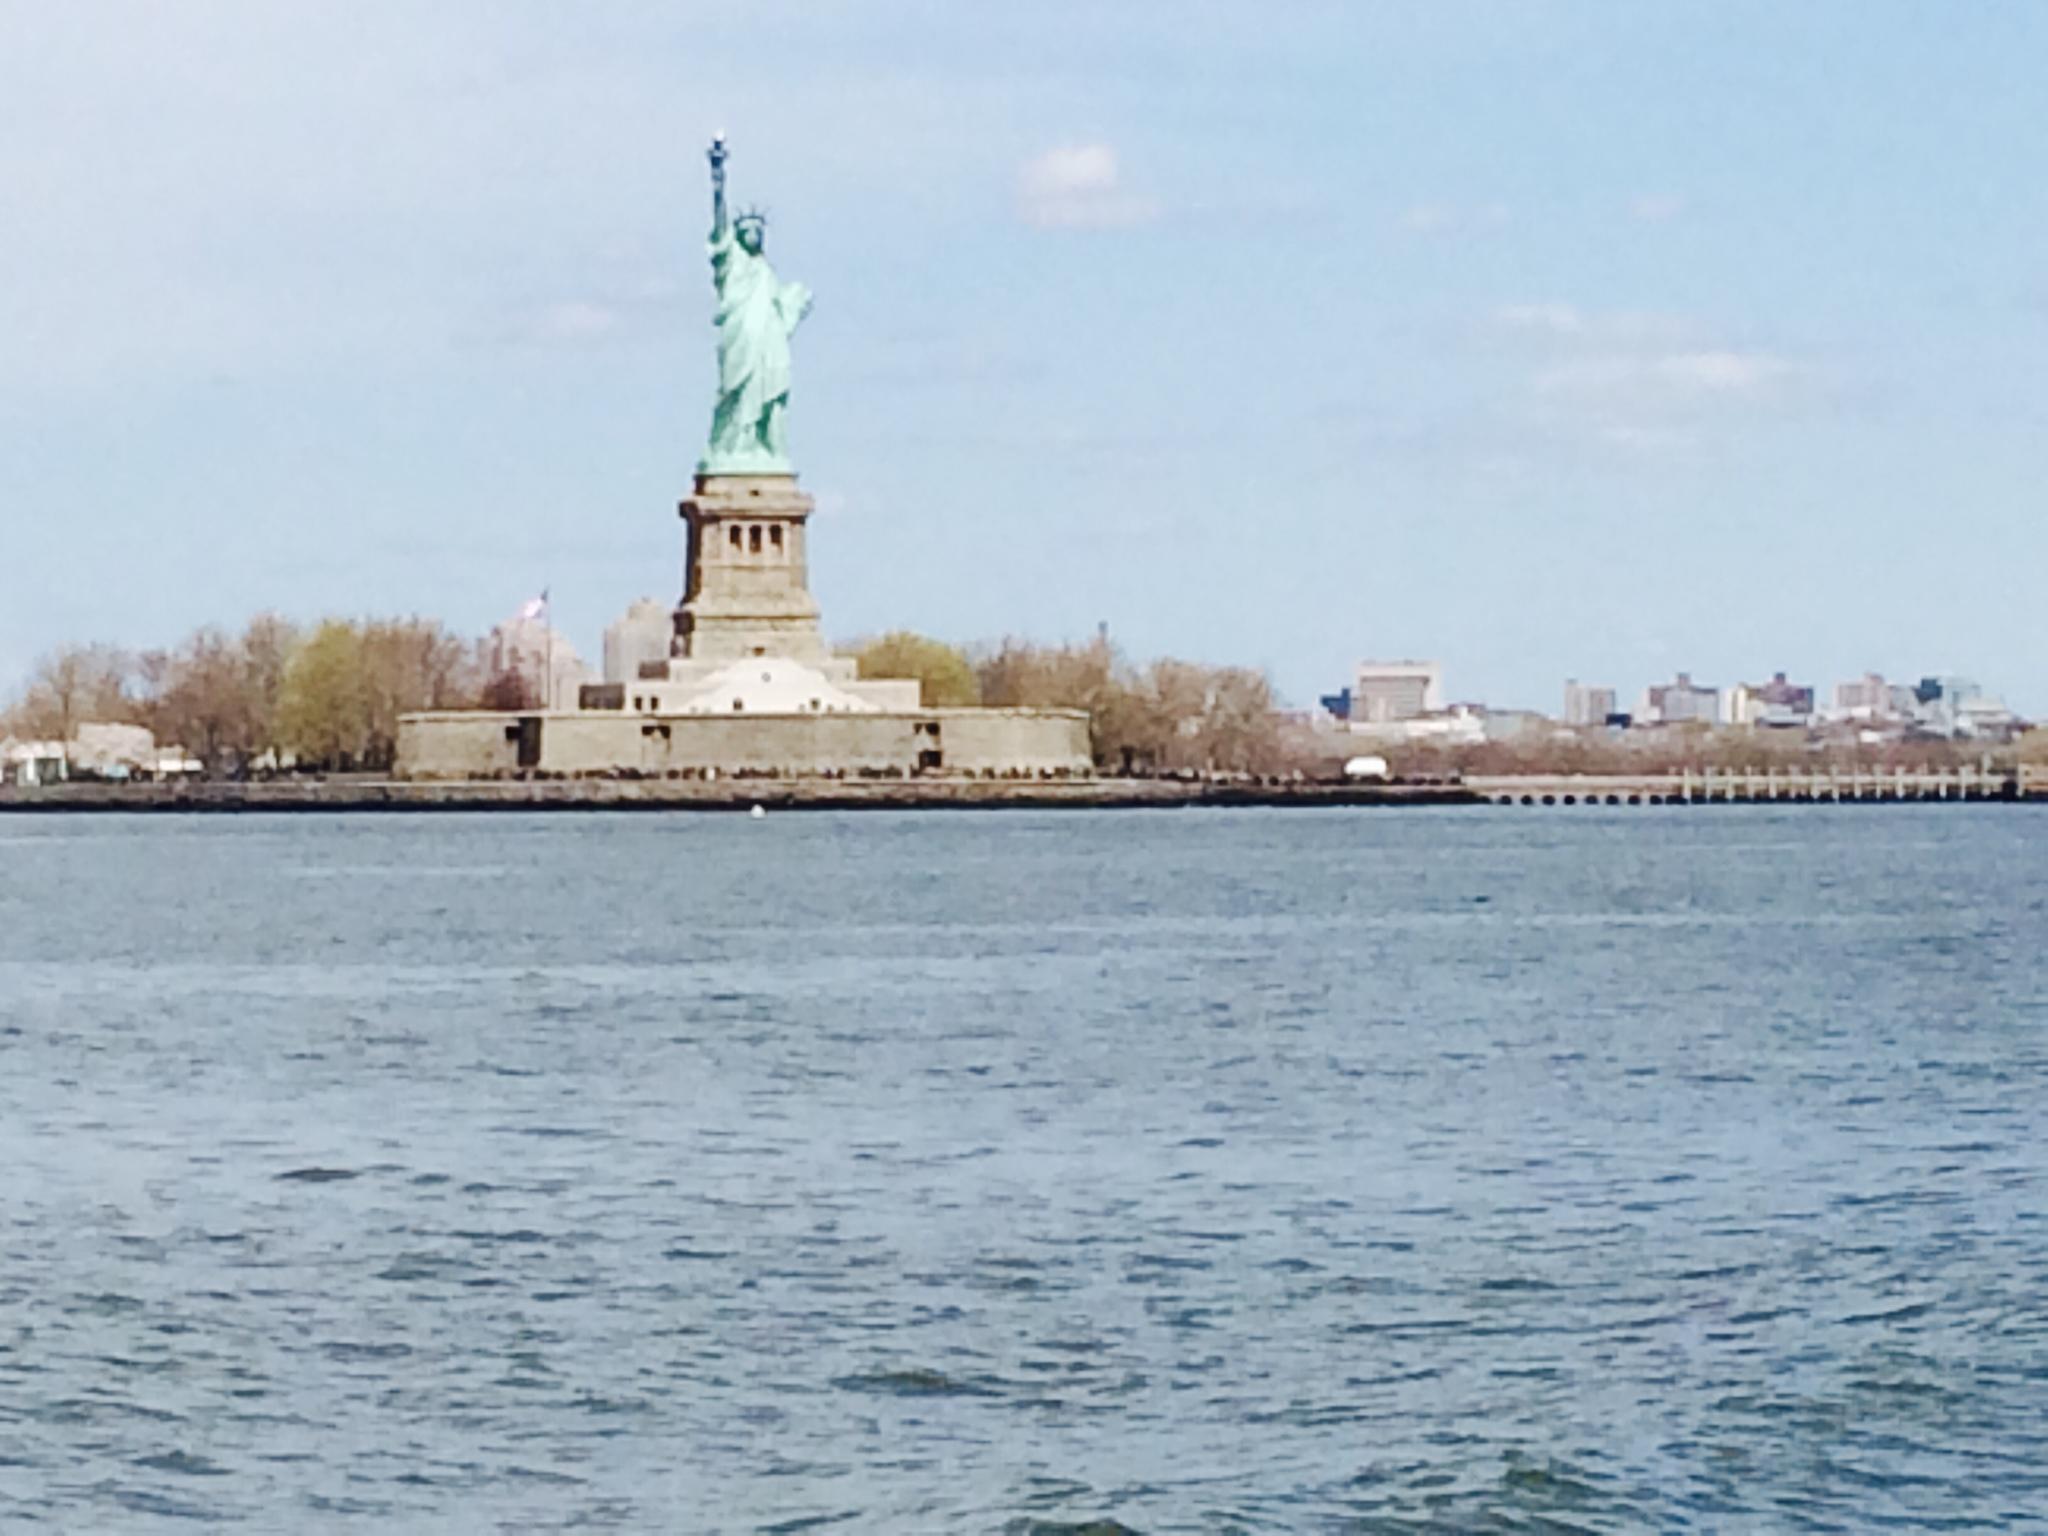 The Statute of Liberty!